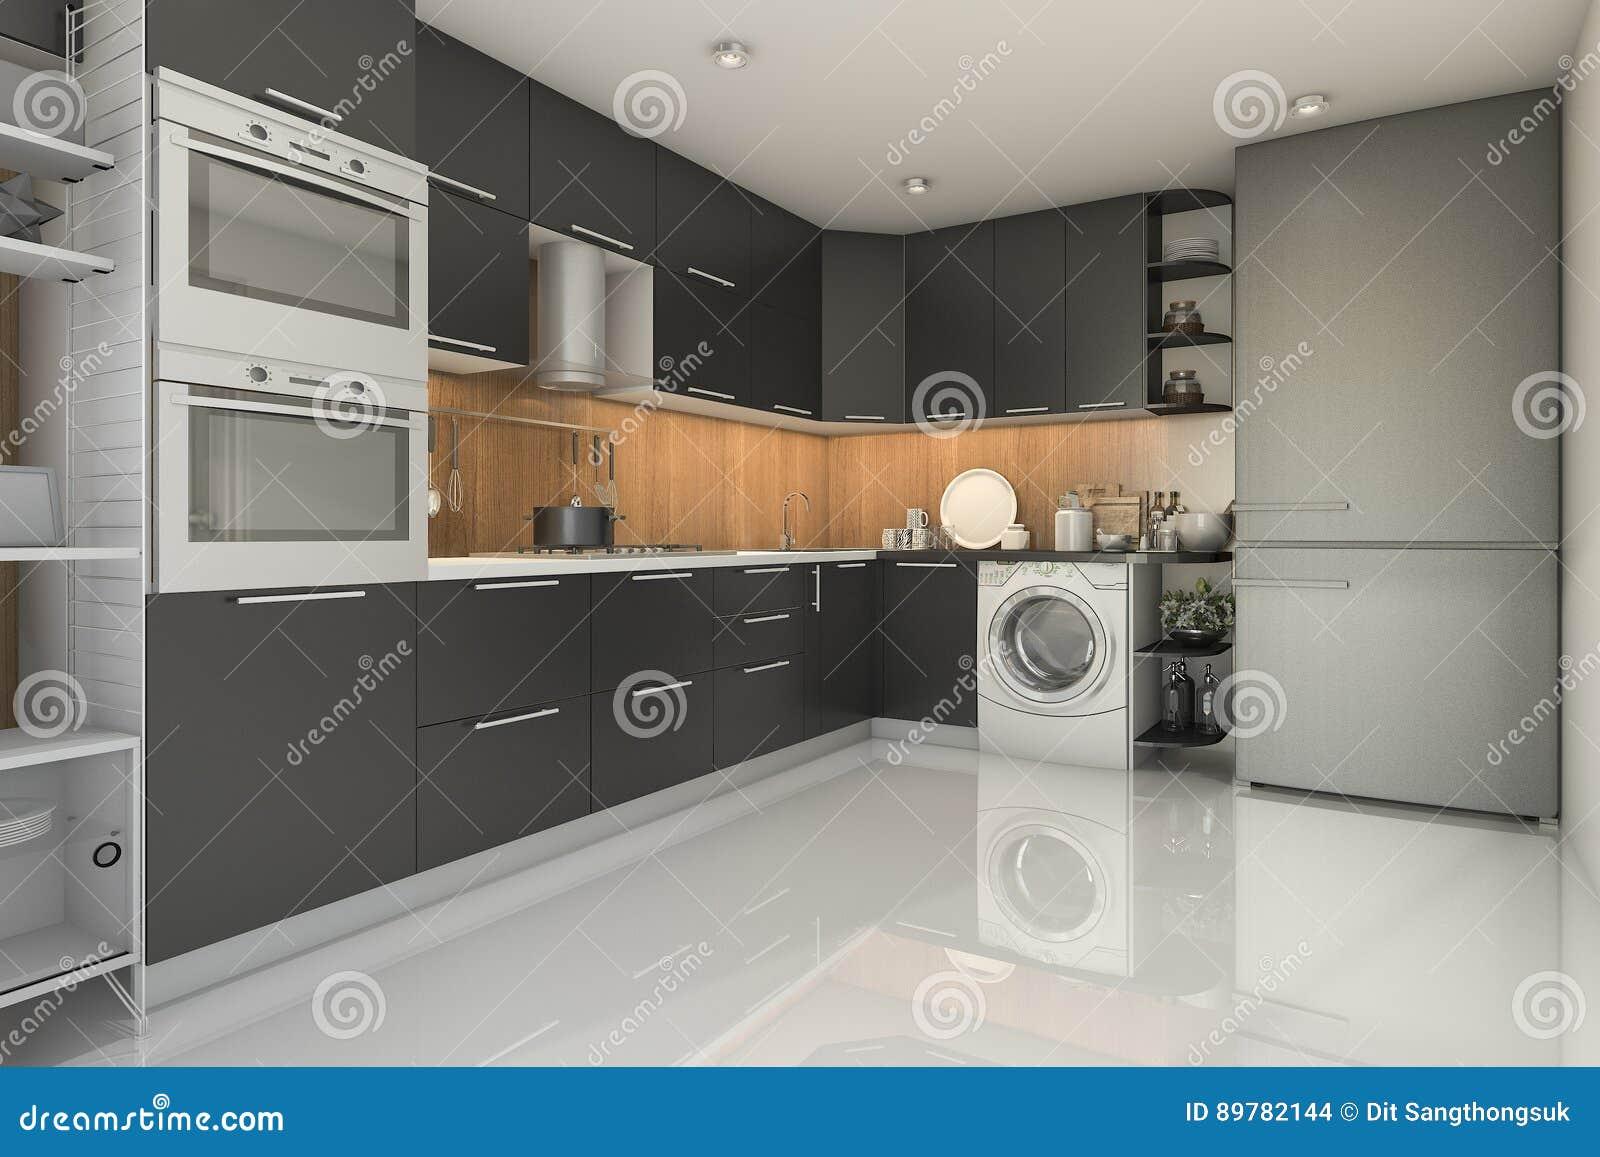 Exquisit Küche Mit Waschmaschine Sammlung Von Moderne Schwarze Küche Des Dachbodens Der Wiedergabe